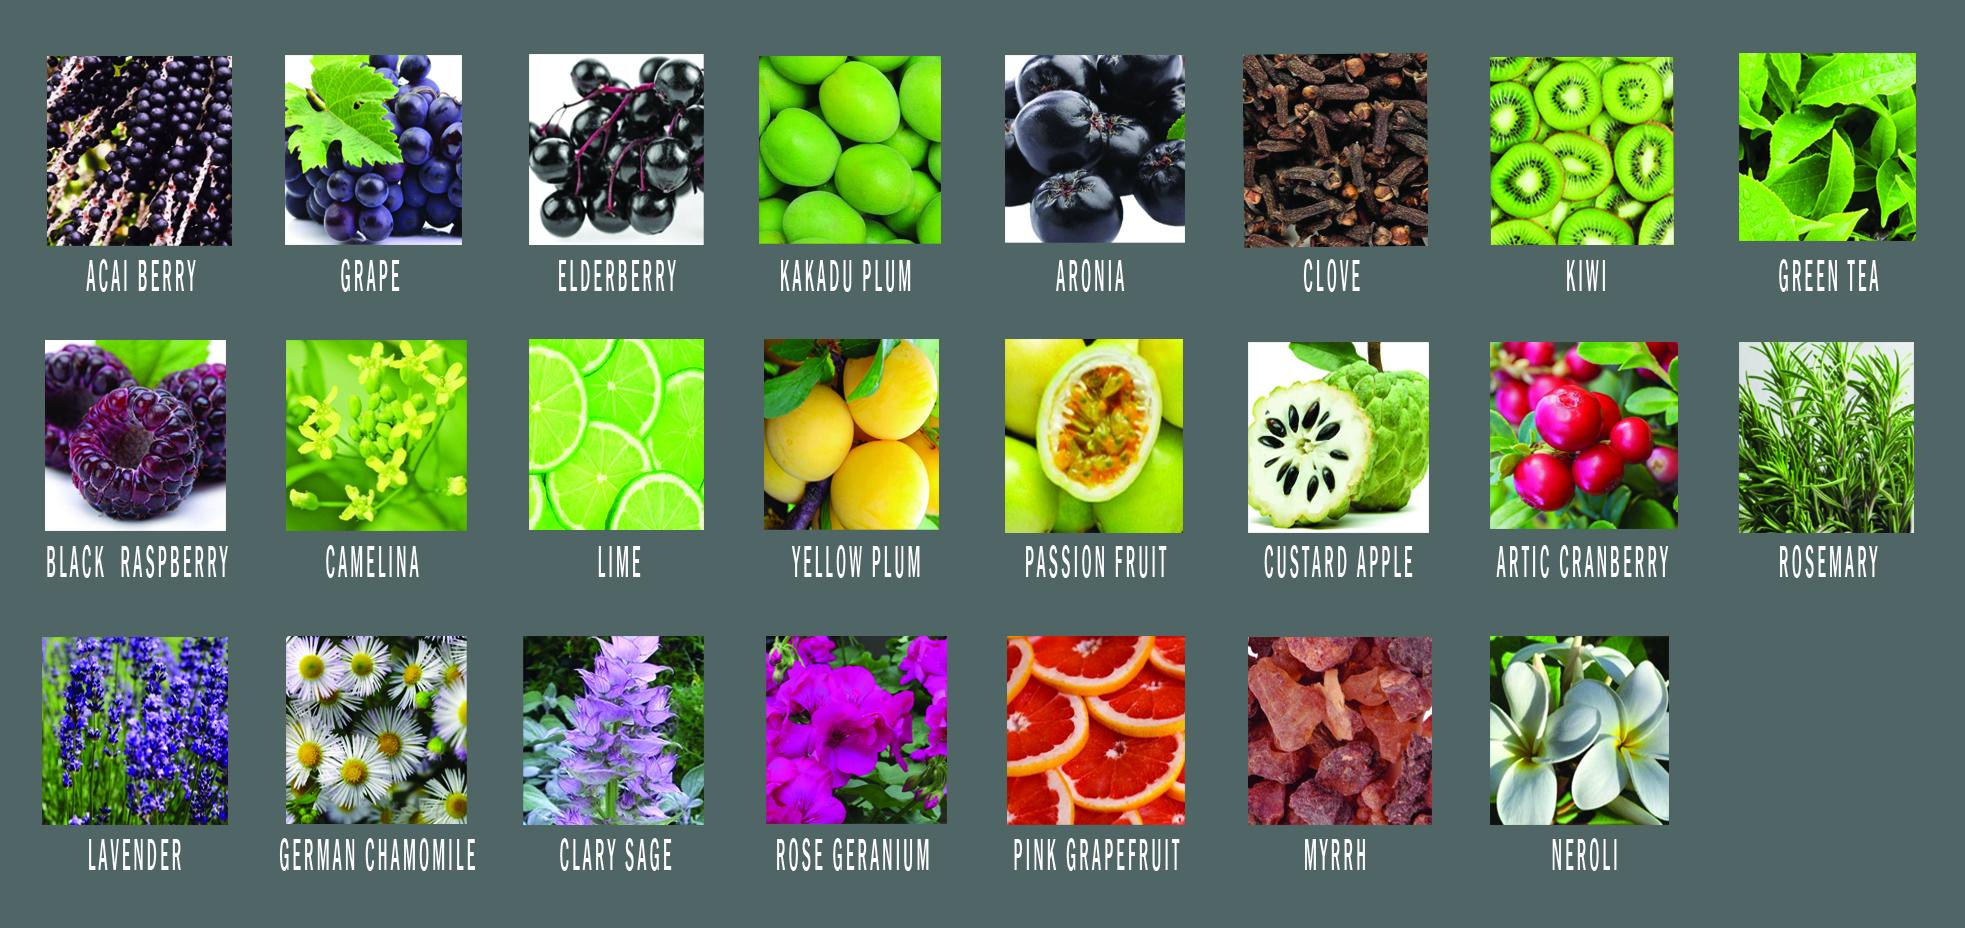 gourmet-skin-brightening-oil-ingredients-flat.jpg